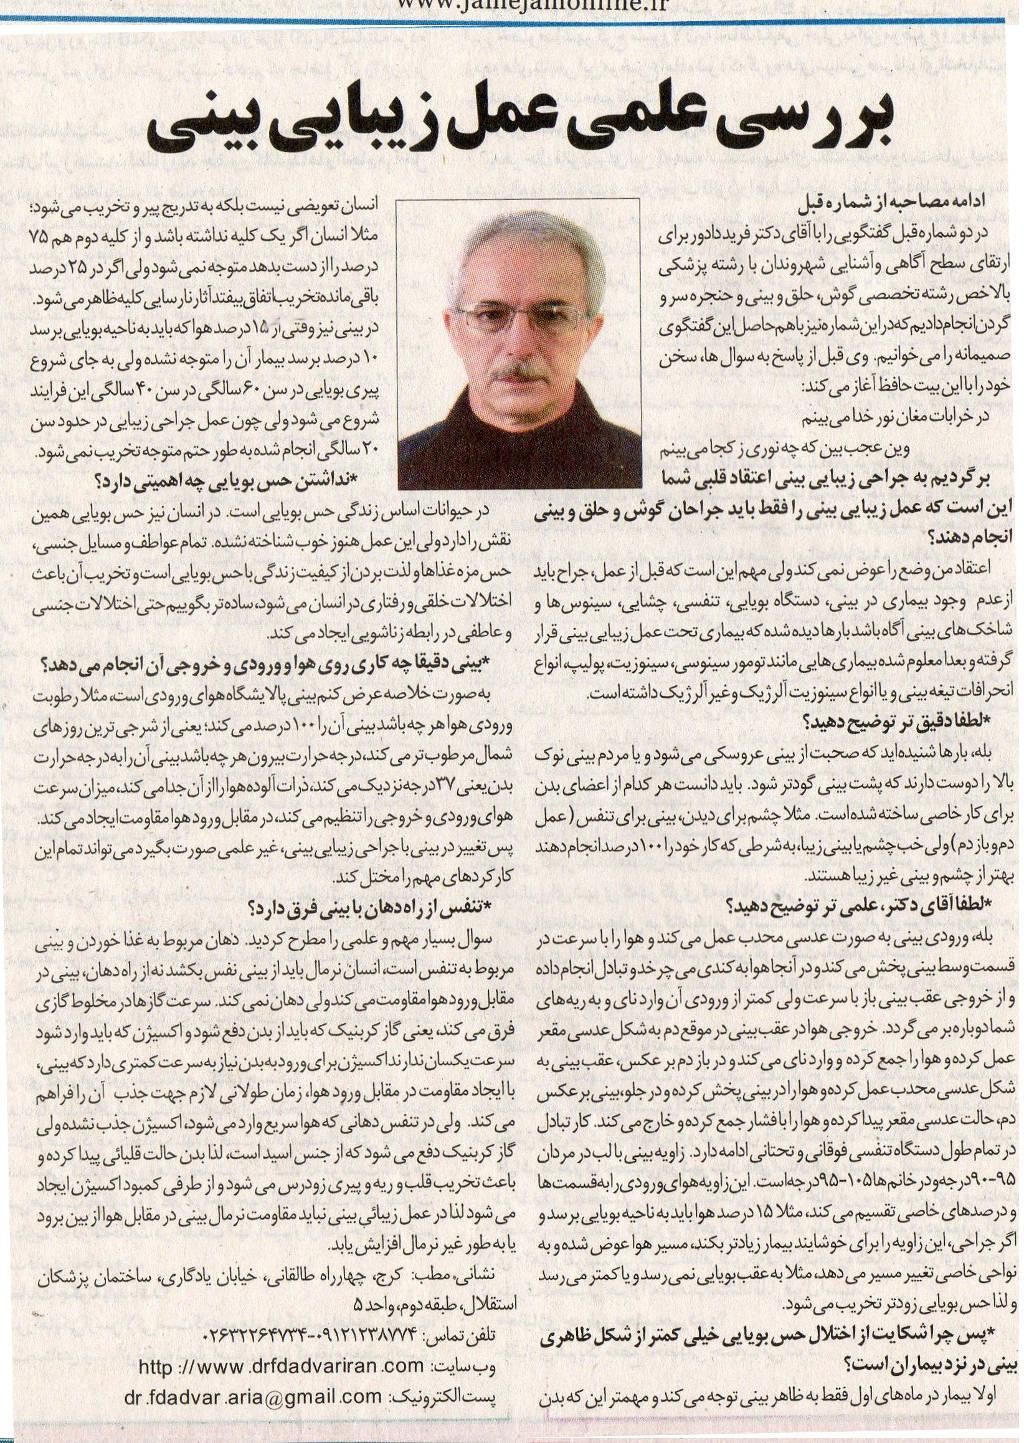 مصاحبه دکتر فرید دادور با روزنامه جام جم